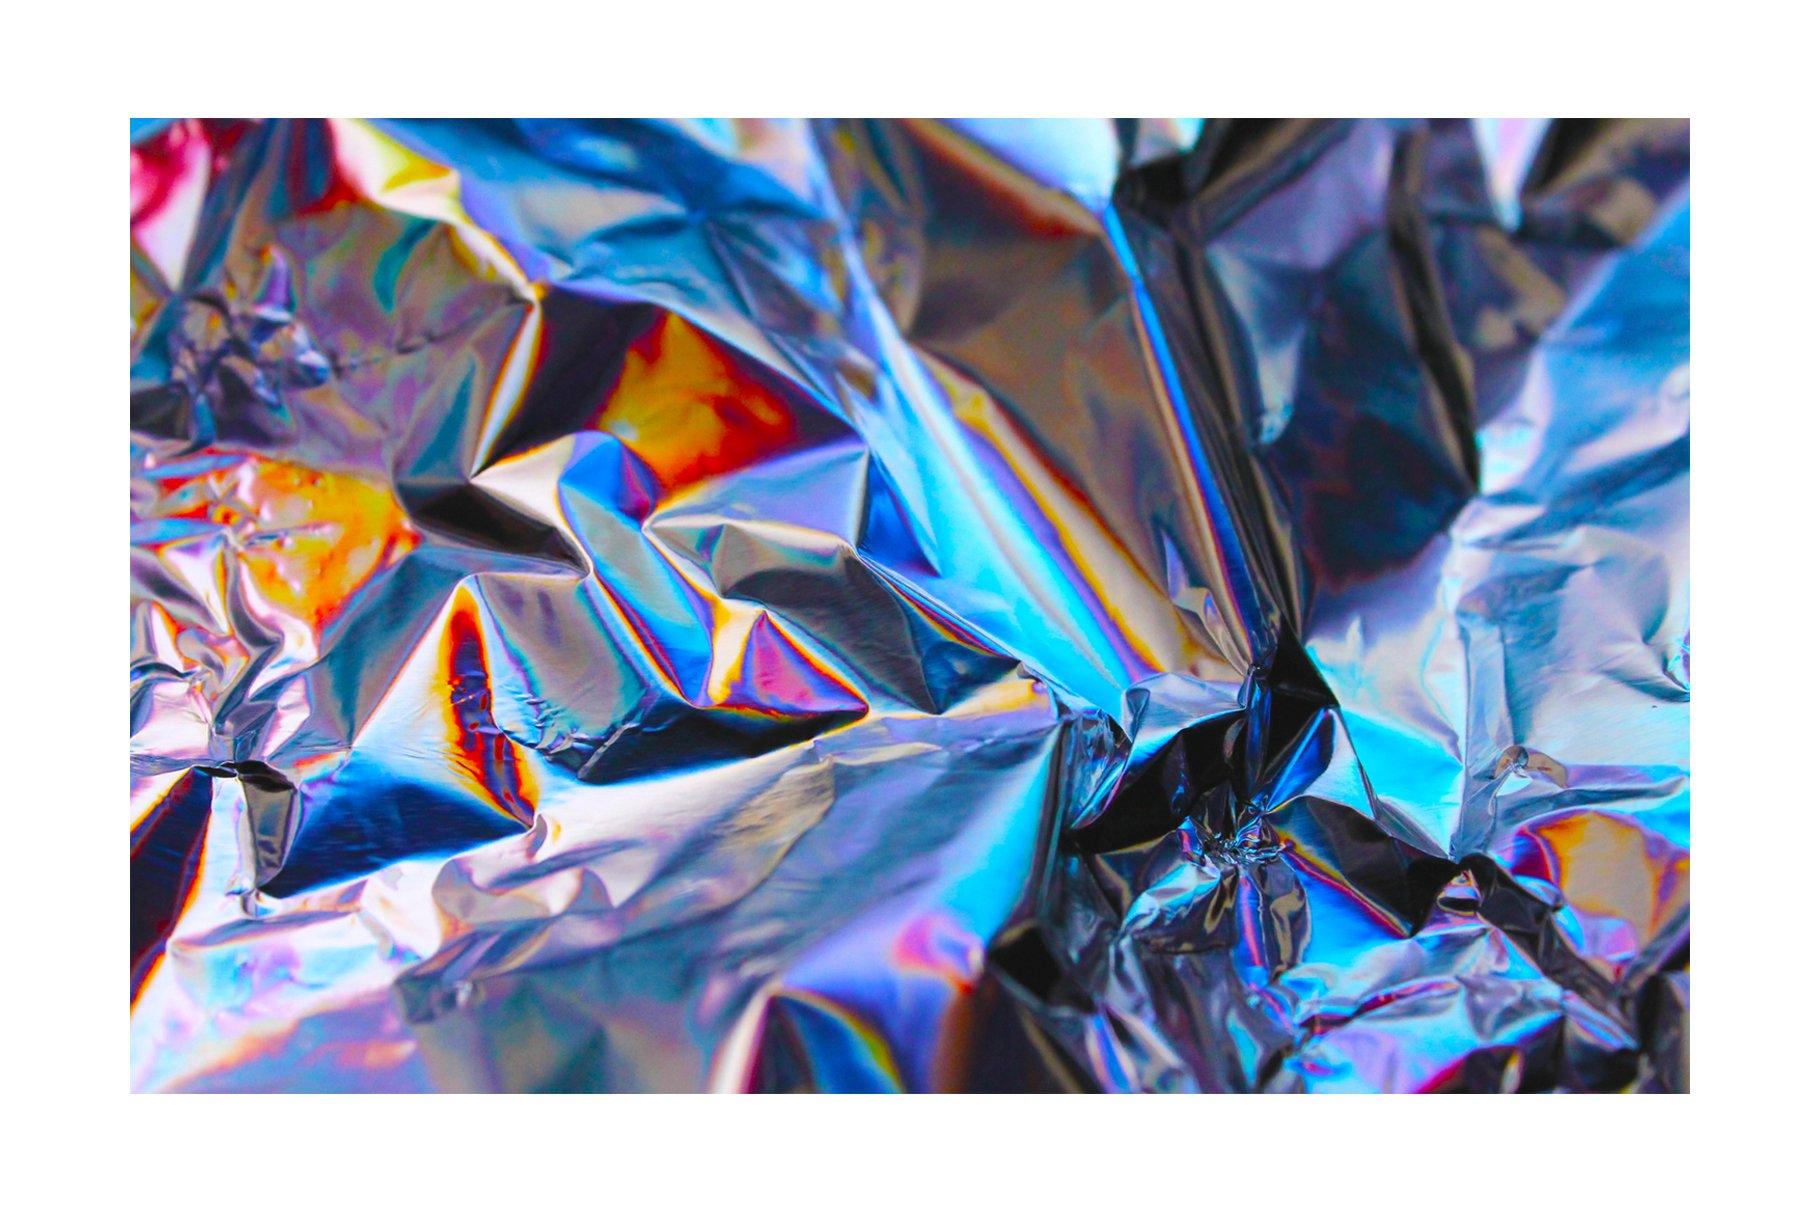 [淘宝购买] 90款潮流炫彩全息镭射金属箔纸海报设计肌理纹理背景图片设计素材 90 Holographic Foil Textures插图3